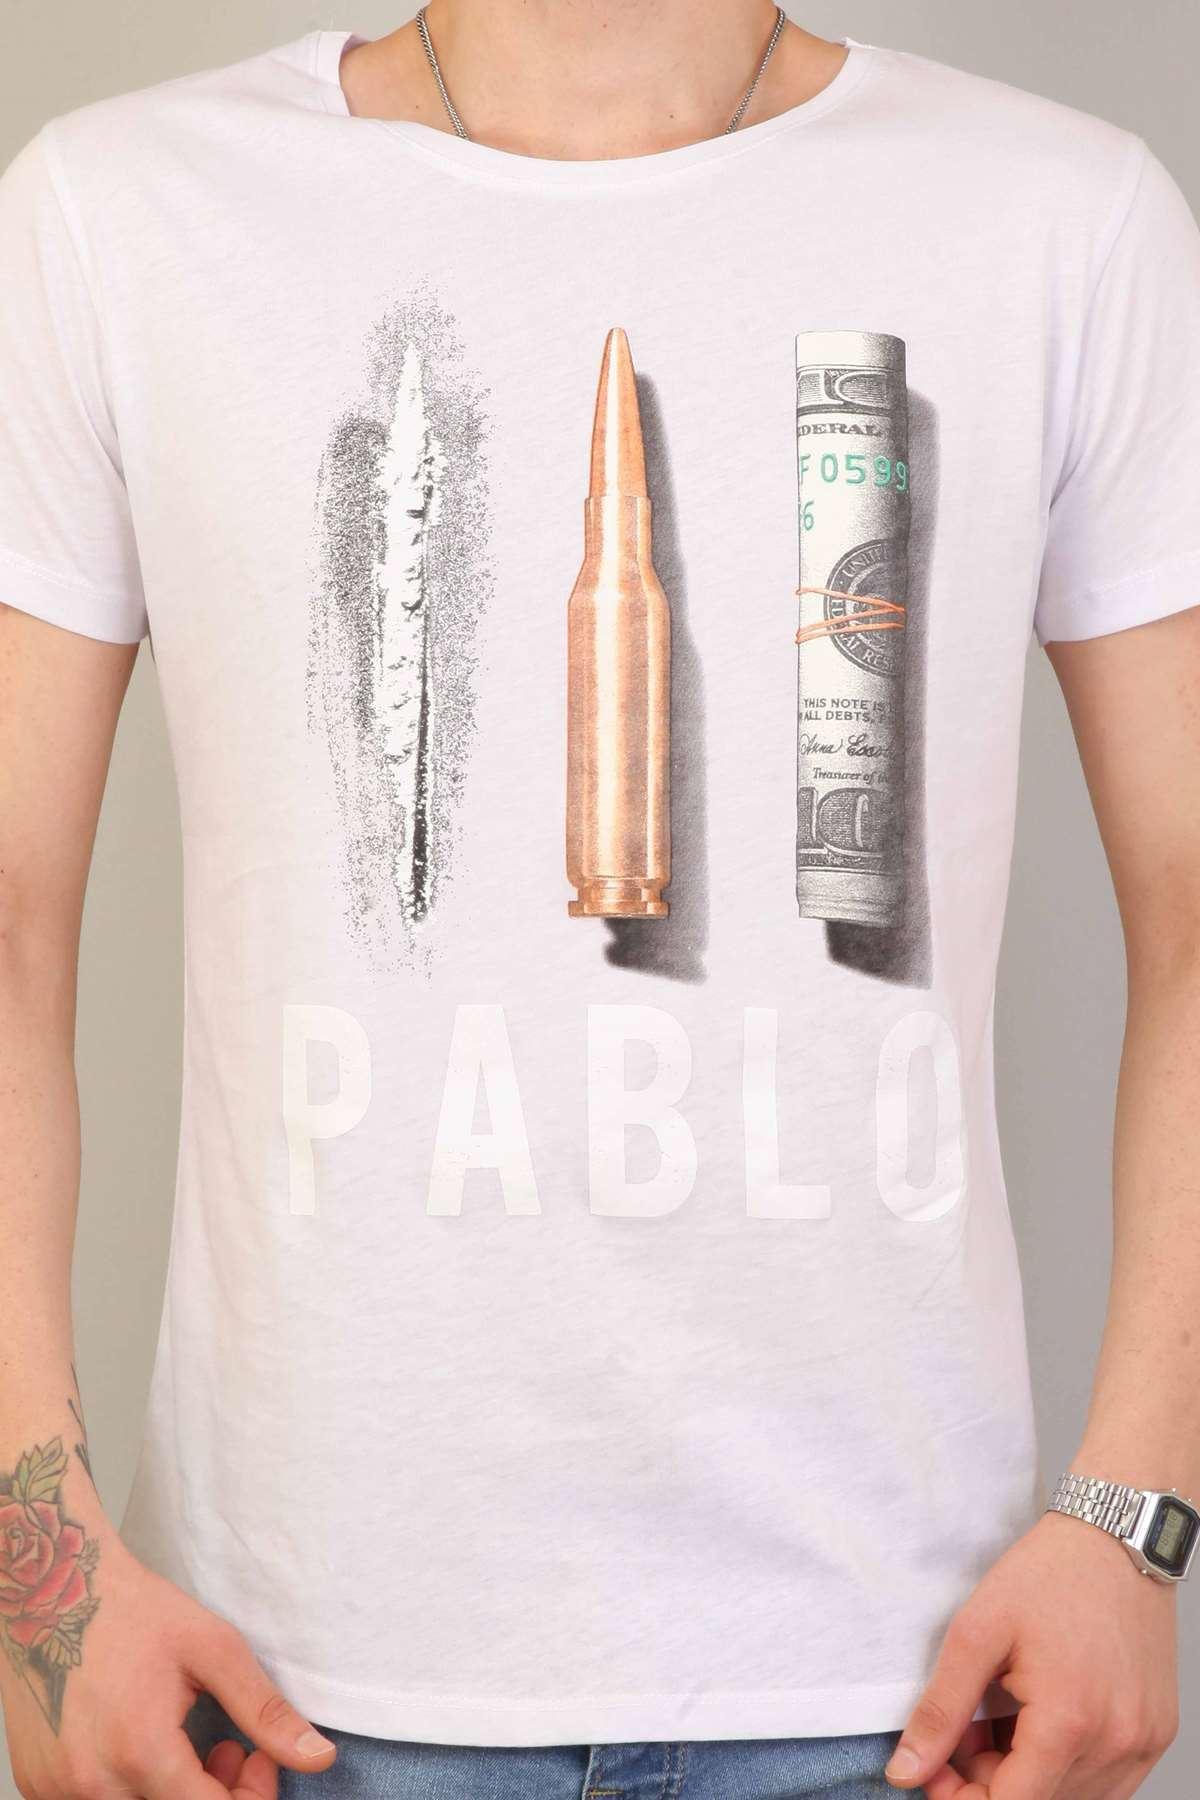 Pablo Yazılı Resim Baskılı Simit Yaka Tişört Beyaz